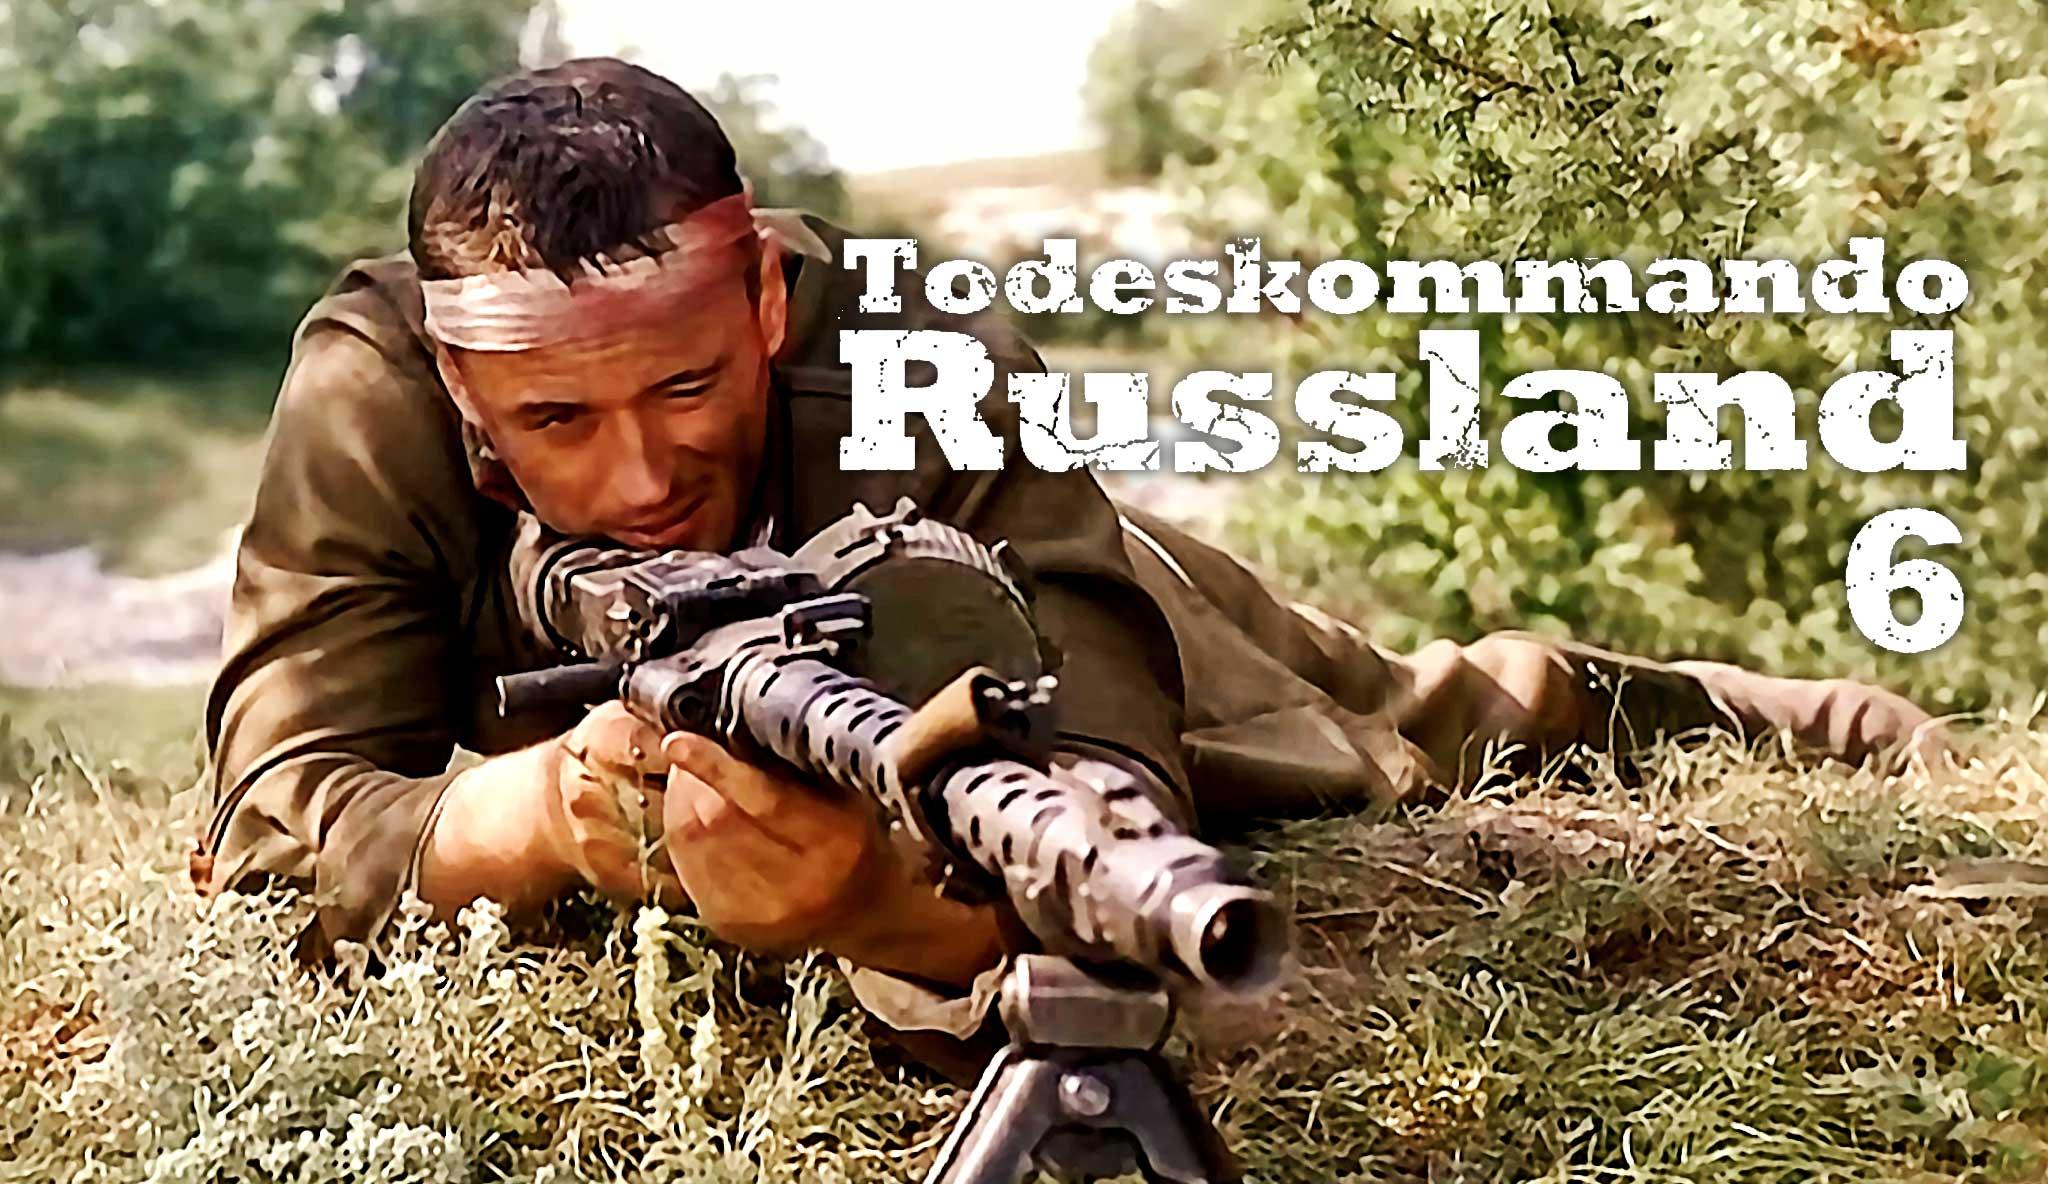 todeskommando-russland-6-kein-weg-zuruck\header.jpg